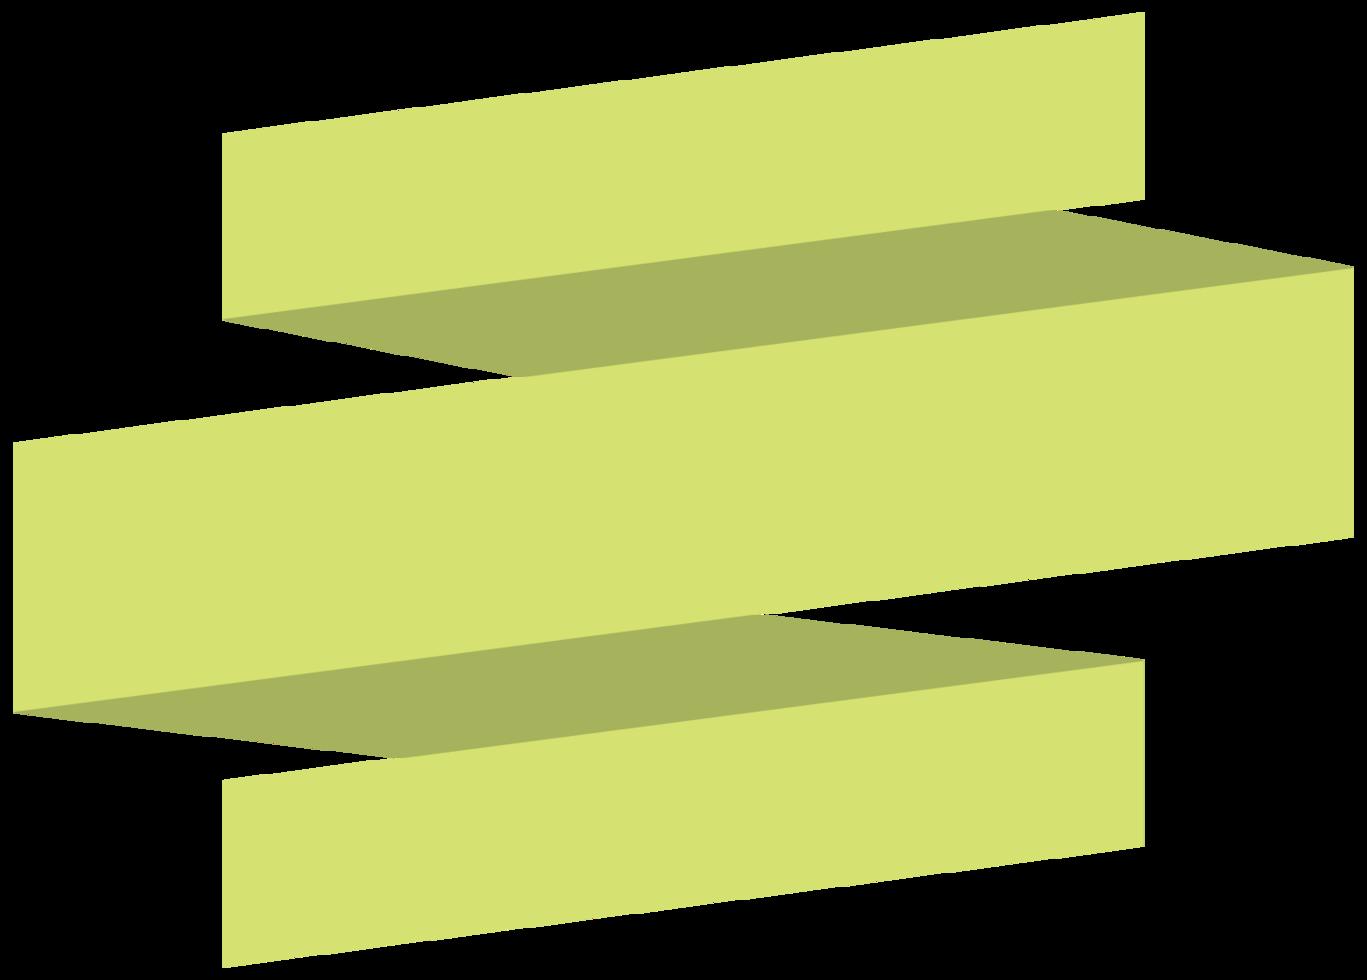 Origami ribbon png